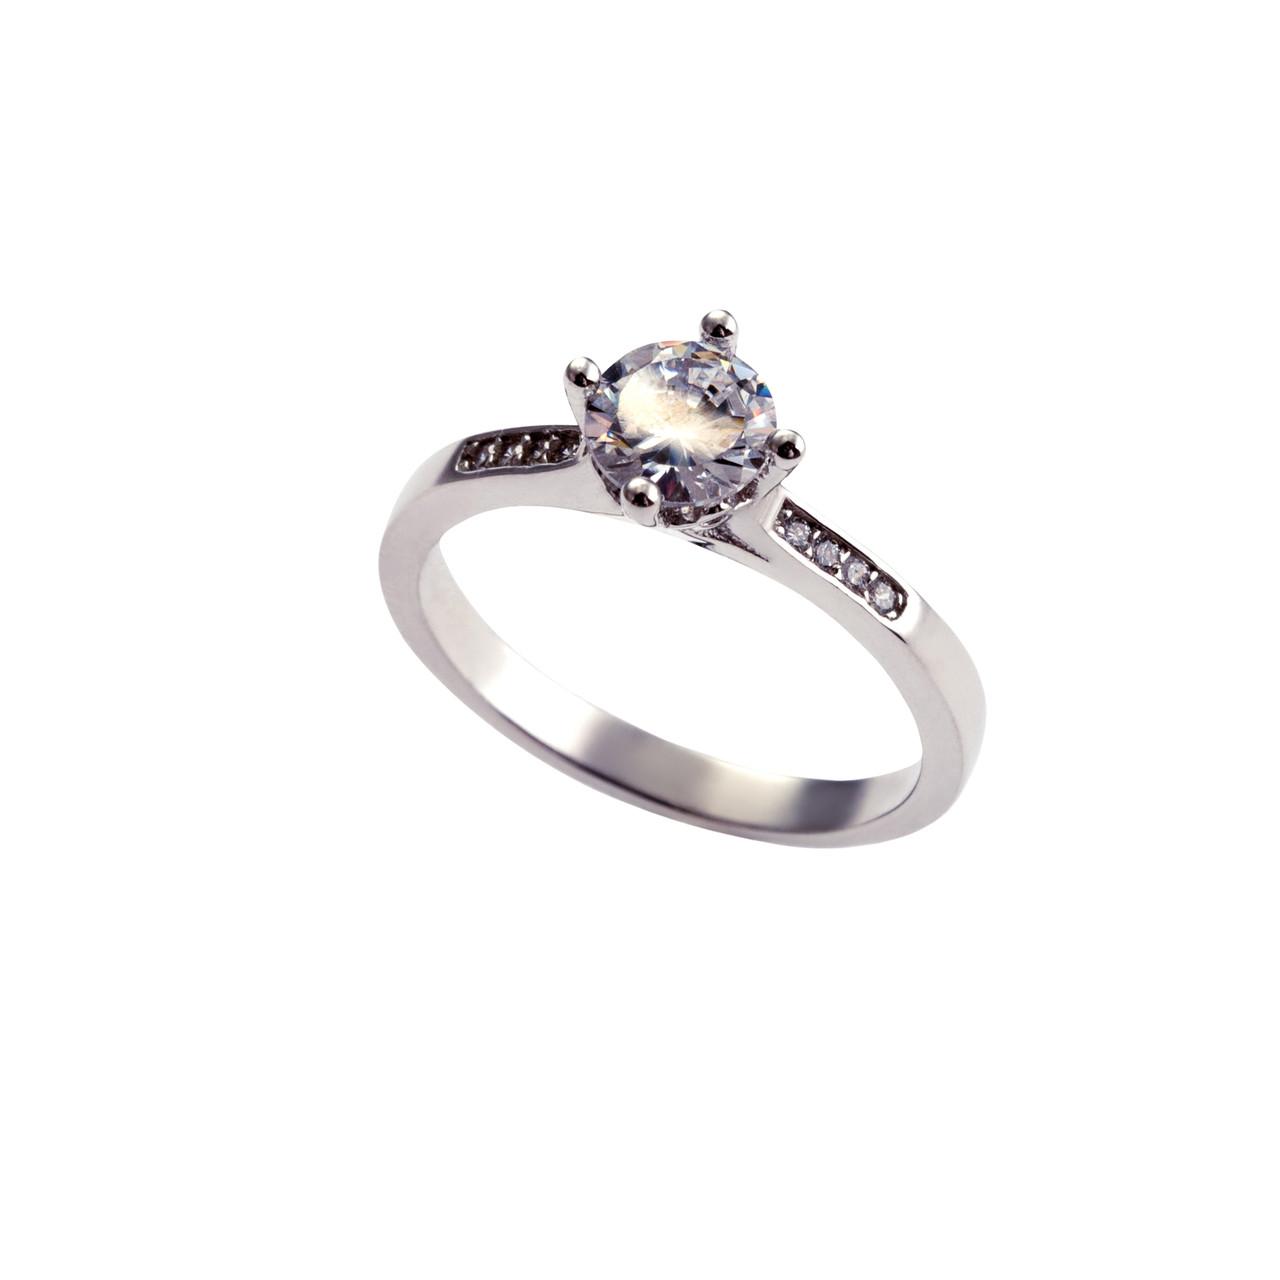 Серебряное кольцо Помолвочное с фианитом. Вставка: белые фианиты, вес: 2,6 гр, размер: 17, покрытие